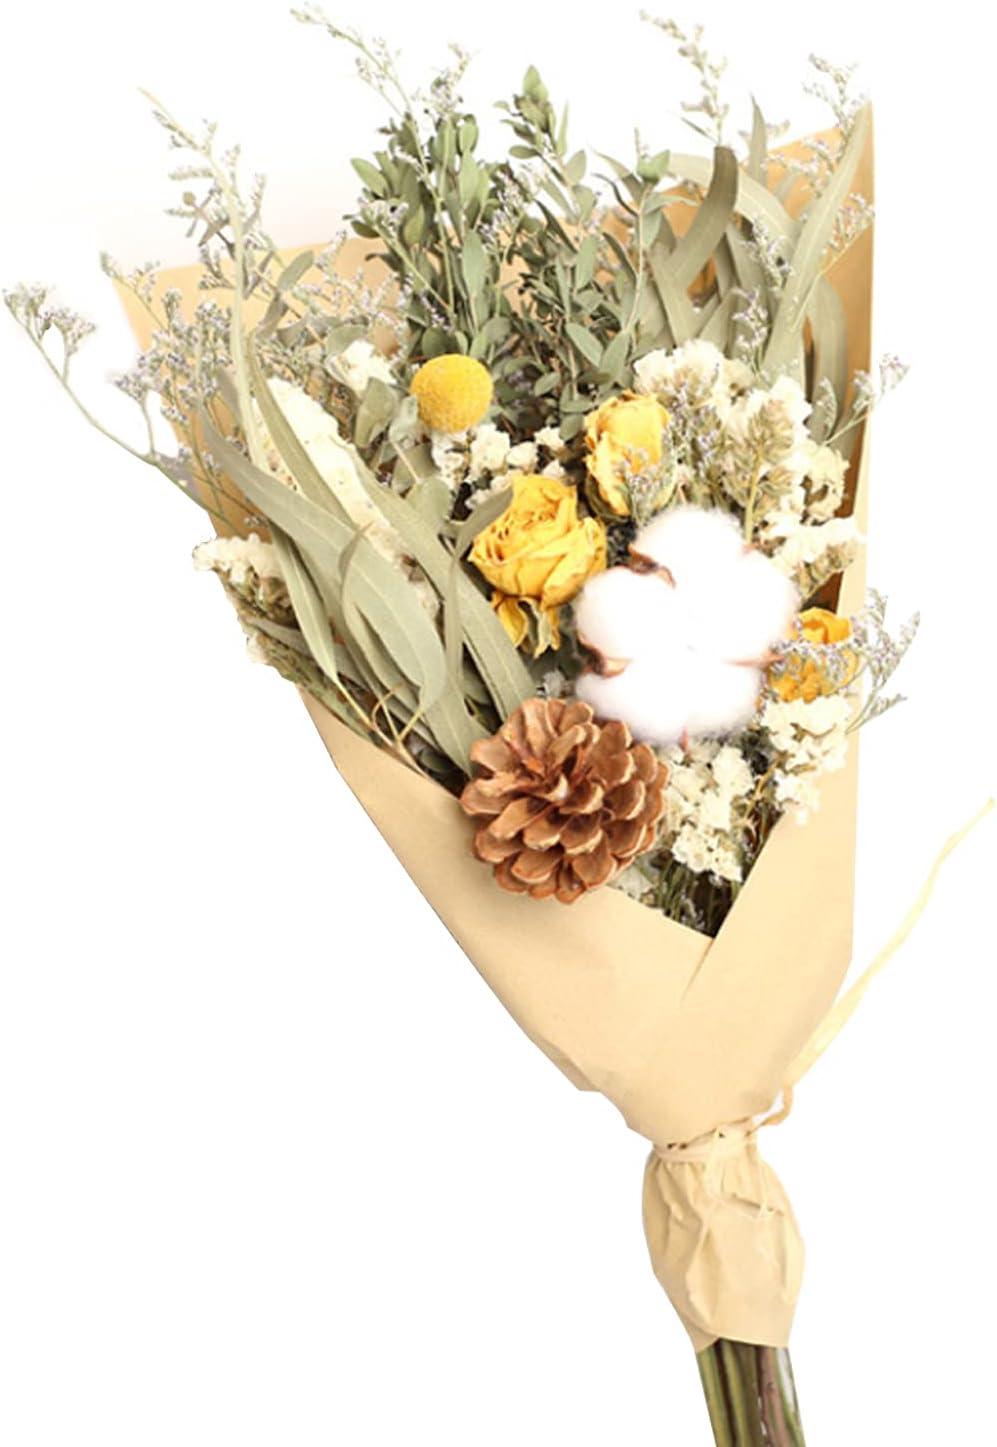 DWANCE Flores Secas Rosas Flores Secas Hoja Eucalipto Naturales Decoracion Ramos de Flores Secas Flores Ramas Pequeñas para Decorar Casa Bodas Amarillo